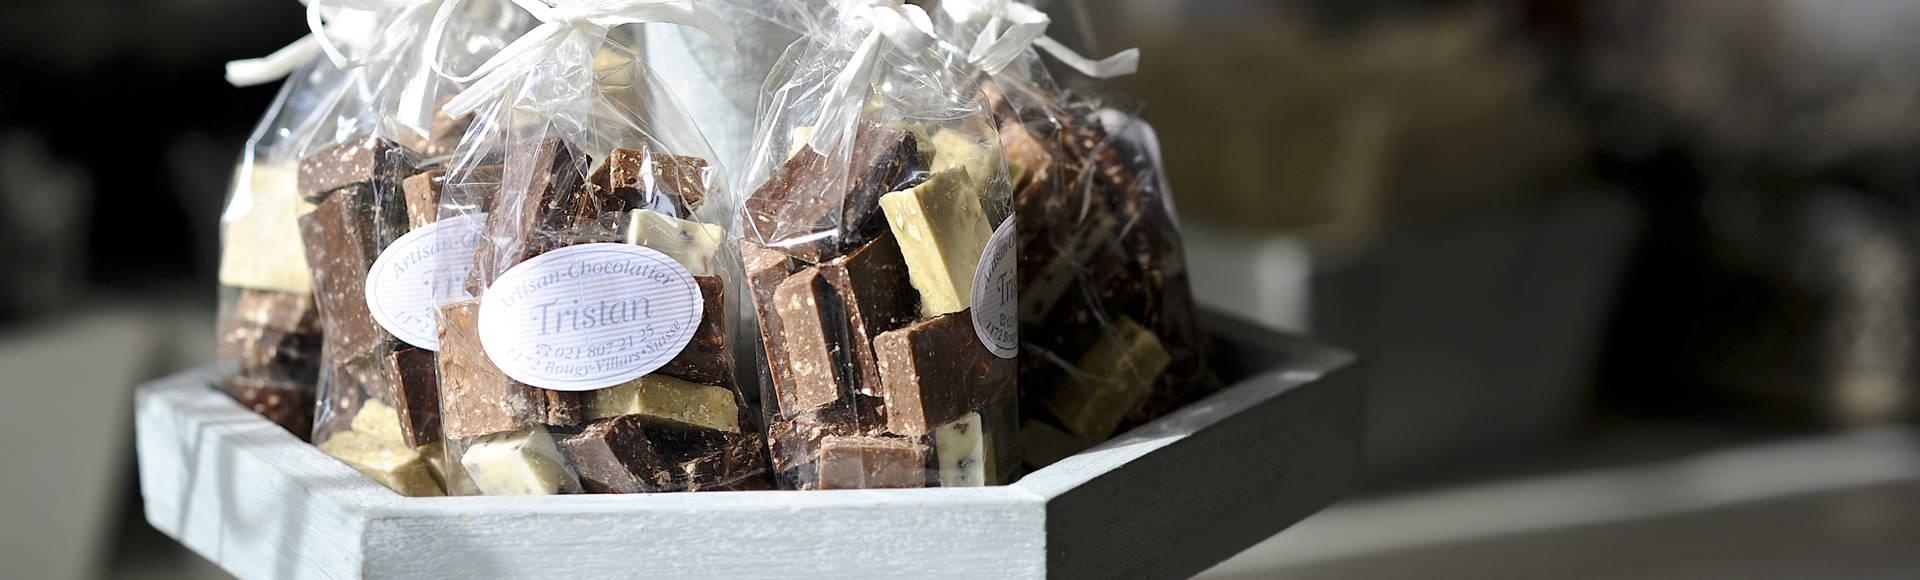 tristan-chocolatier-banniere2